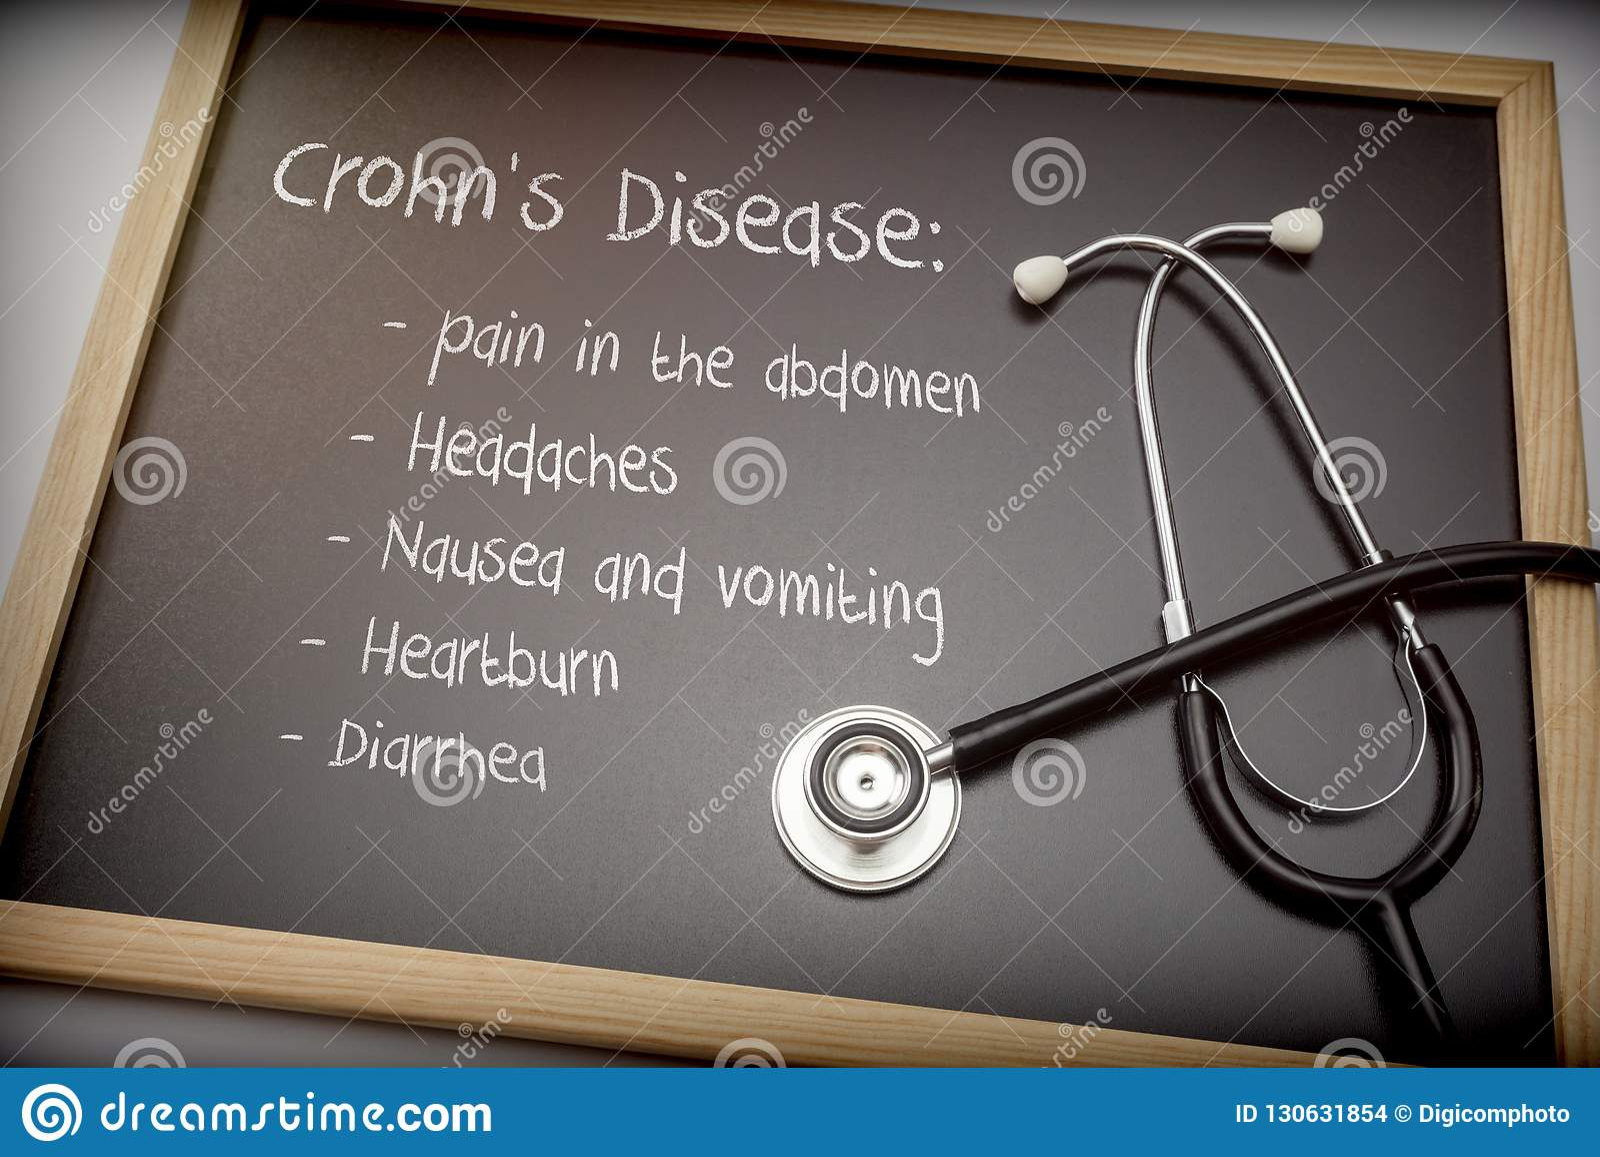 La enfermedad de Crohn puede tener diarrea, dolores de cabeza, ardor de estómago, náusea y vomitar de estos síntomas, dolor en el